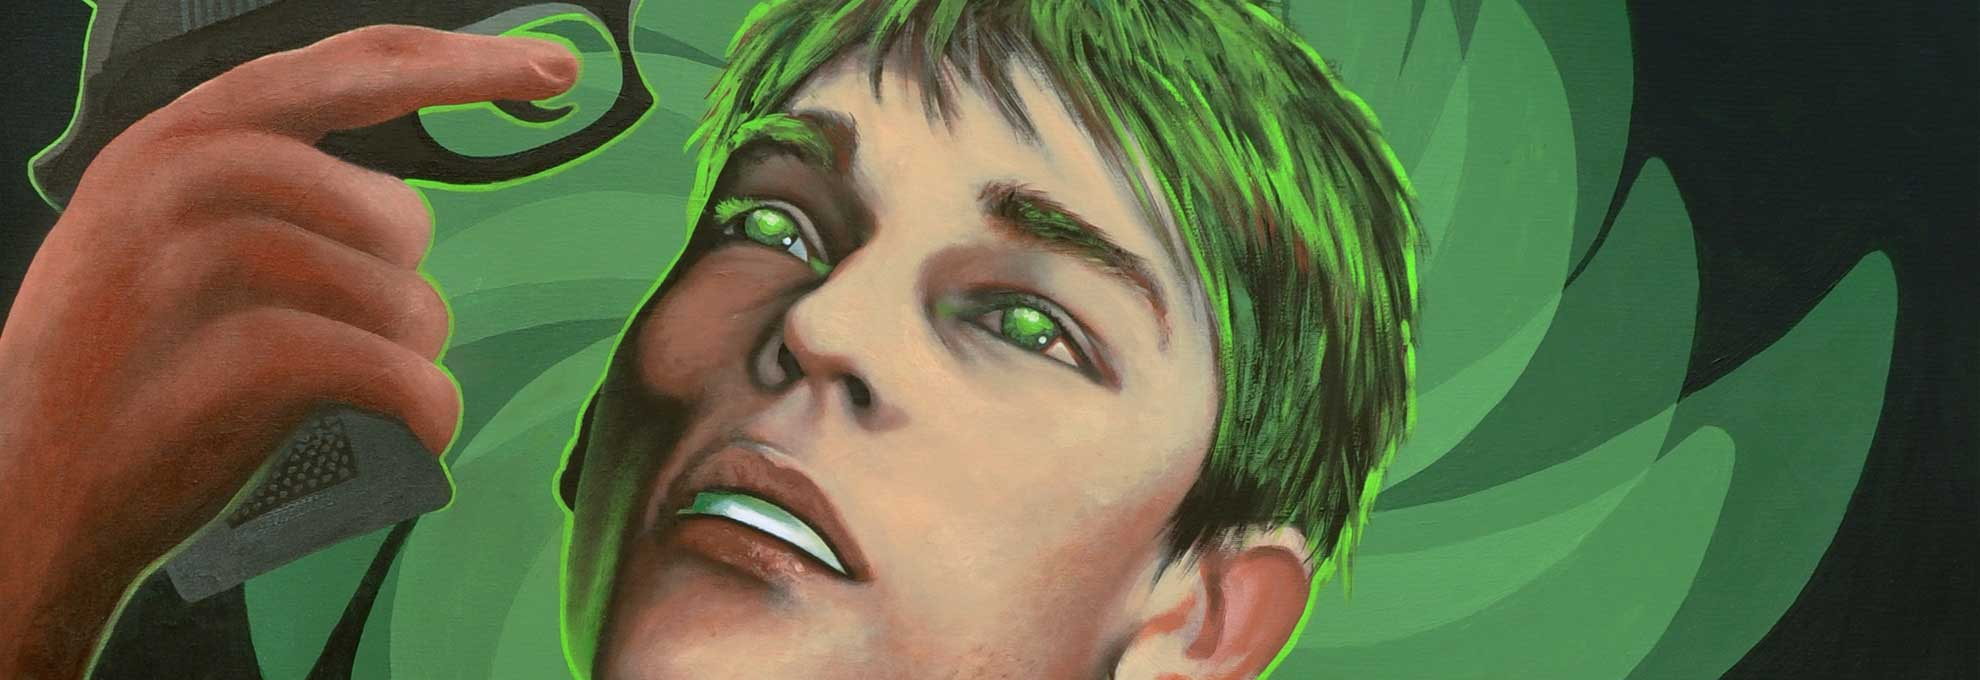 Kunst - Toxoplasma Gondii - Gemälde von Mario Wolf Künstler